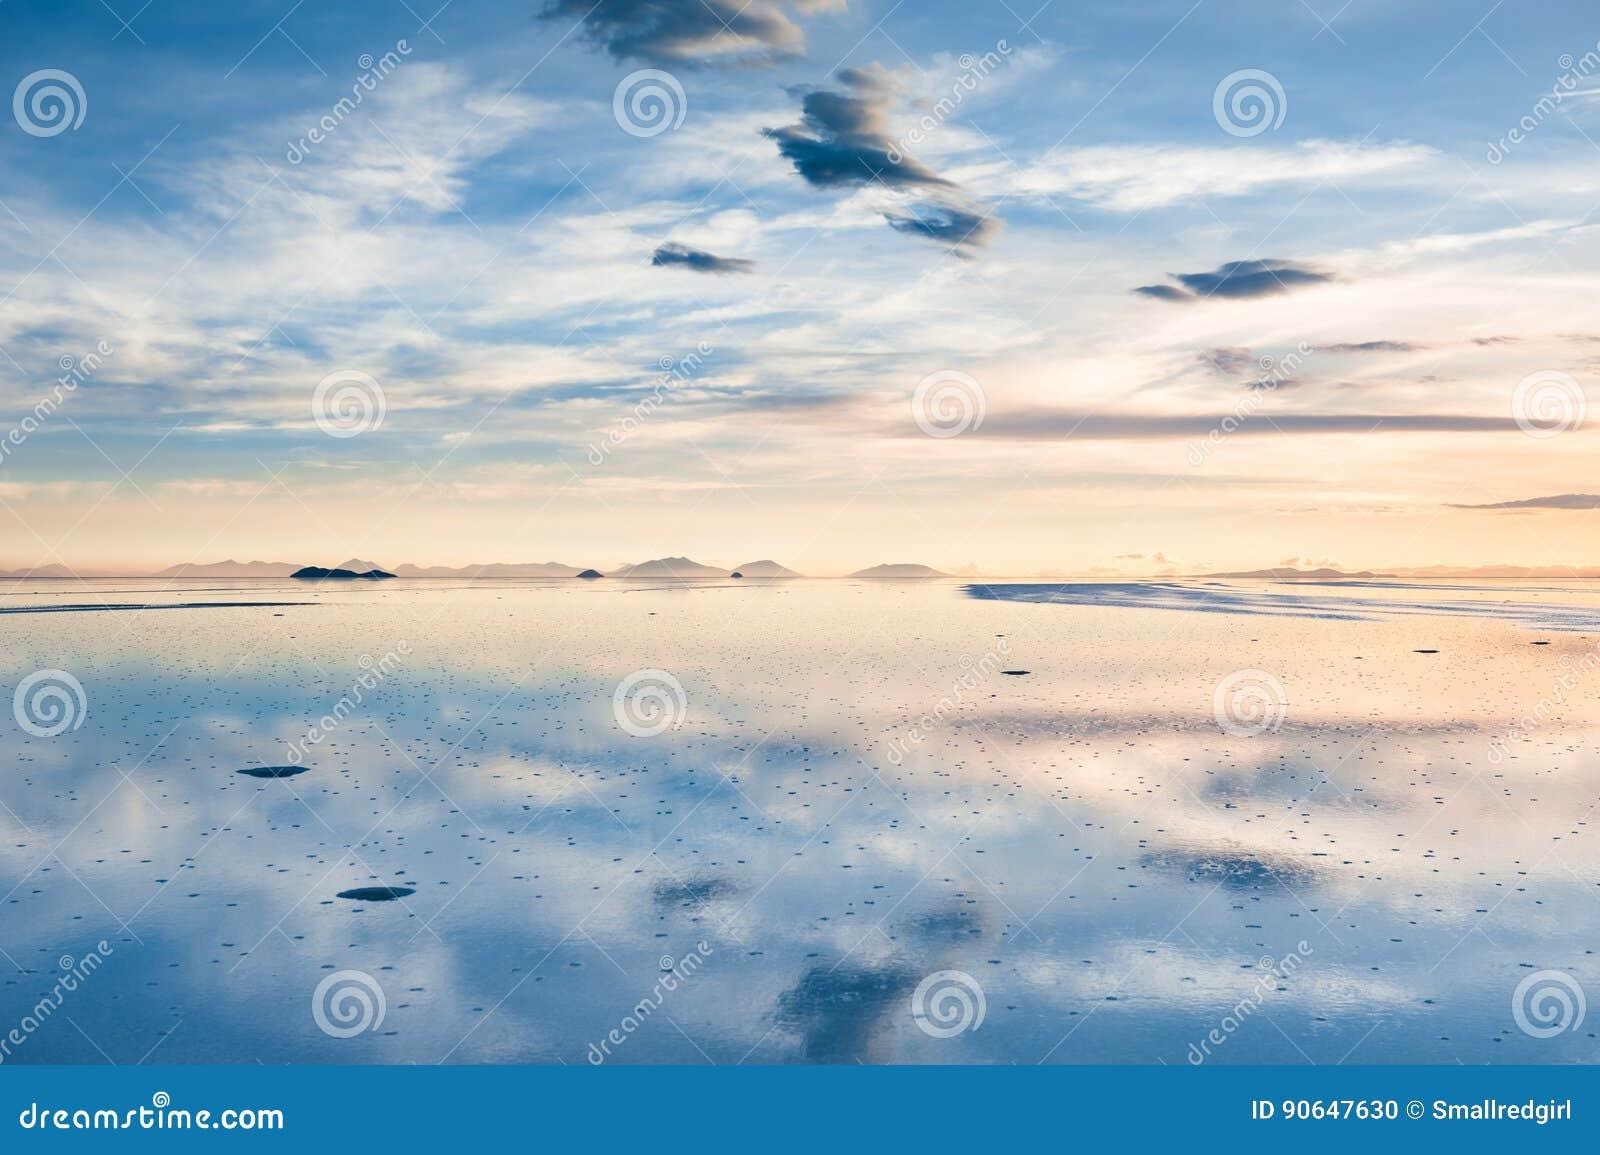 Salt Flat Salar De Uyuni Altiplano Bolivia Stock Photo